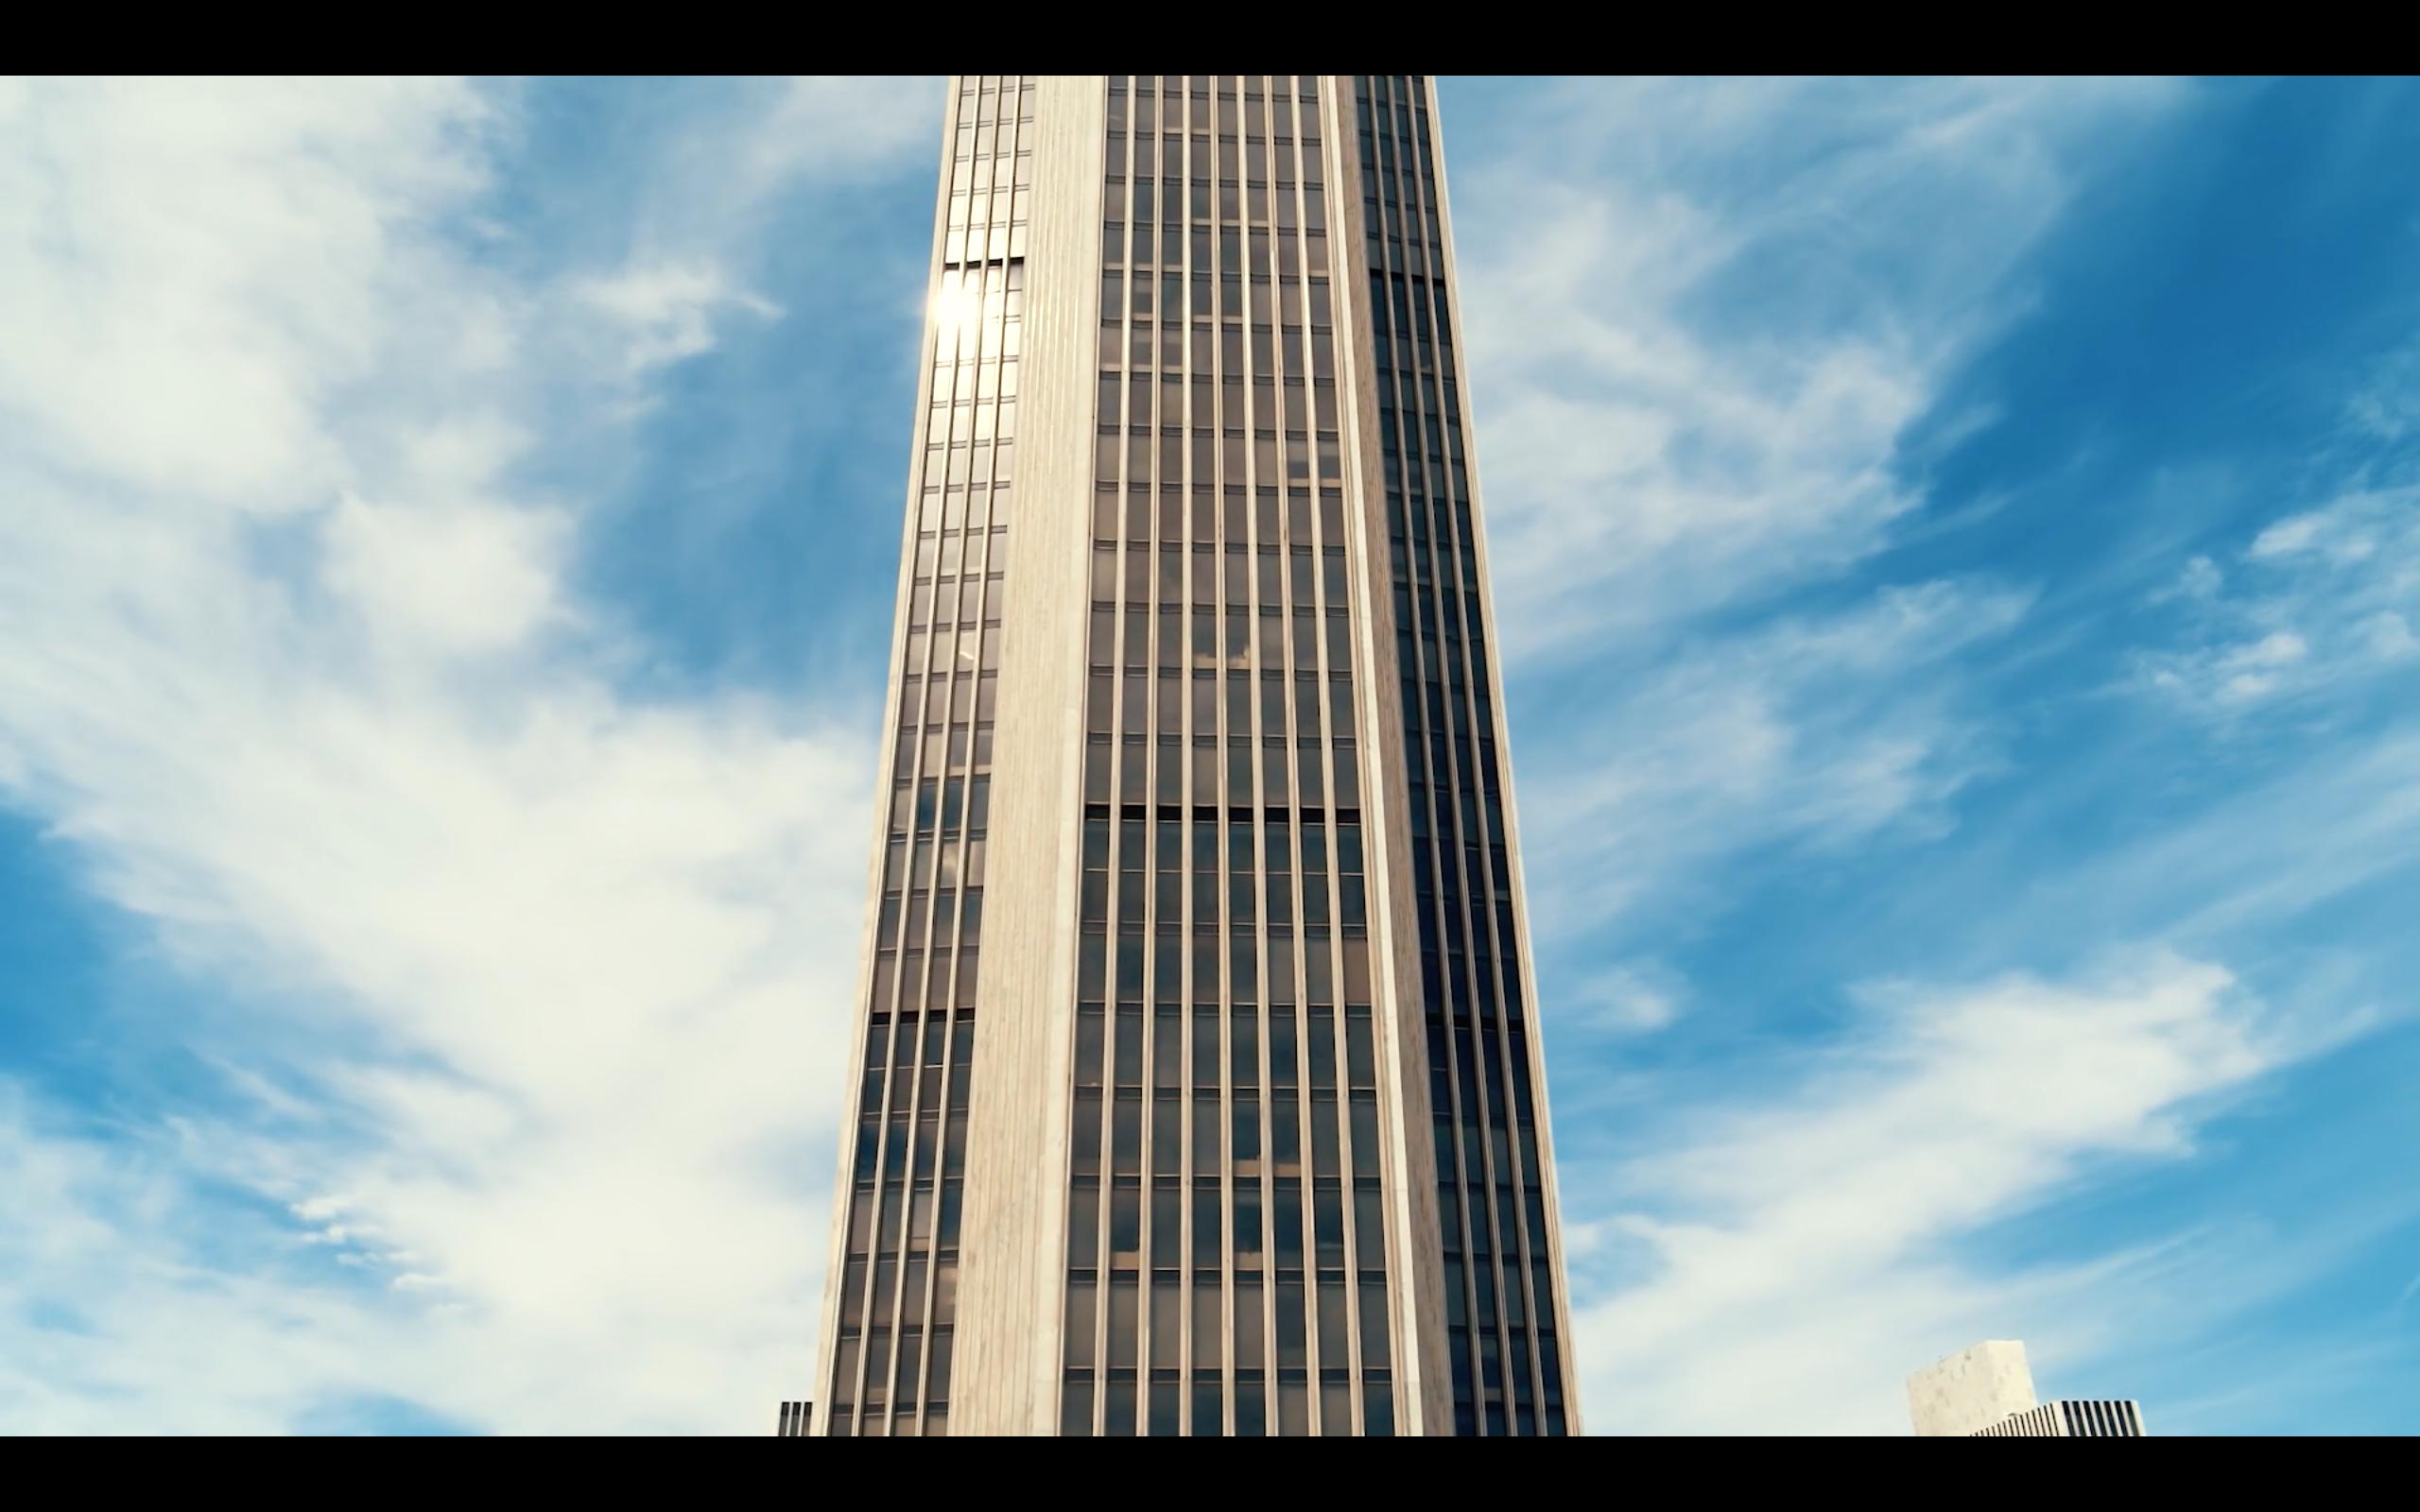 Screen Shot 2020-05-28 at 5.50.45 PM